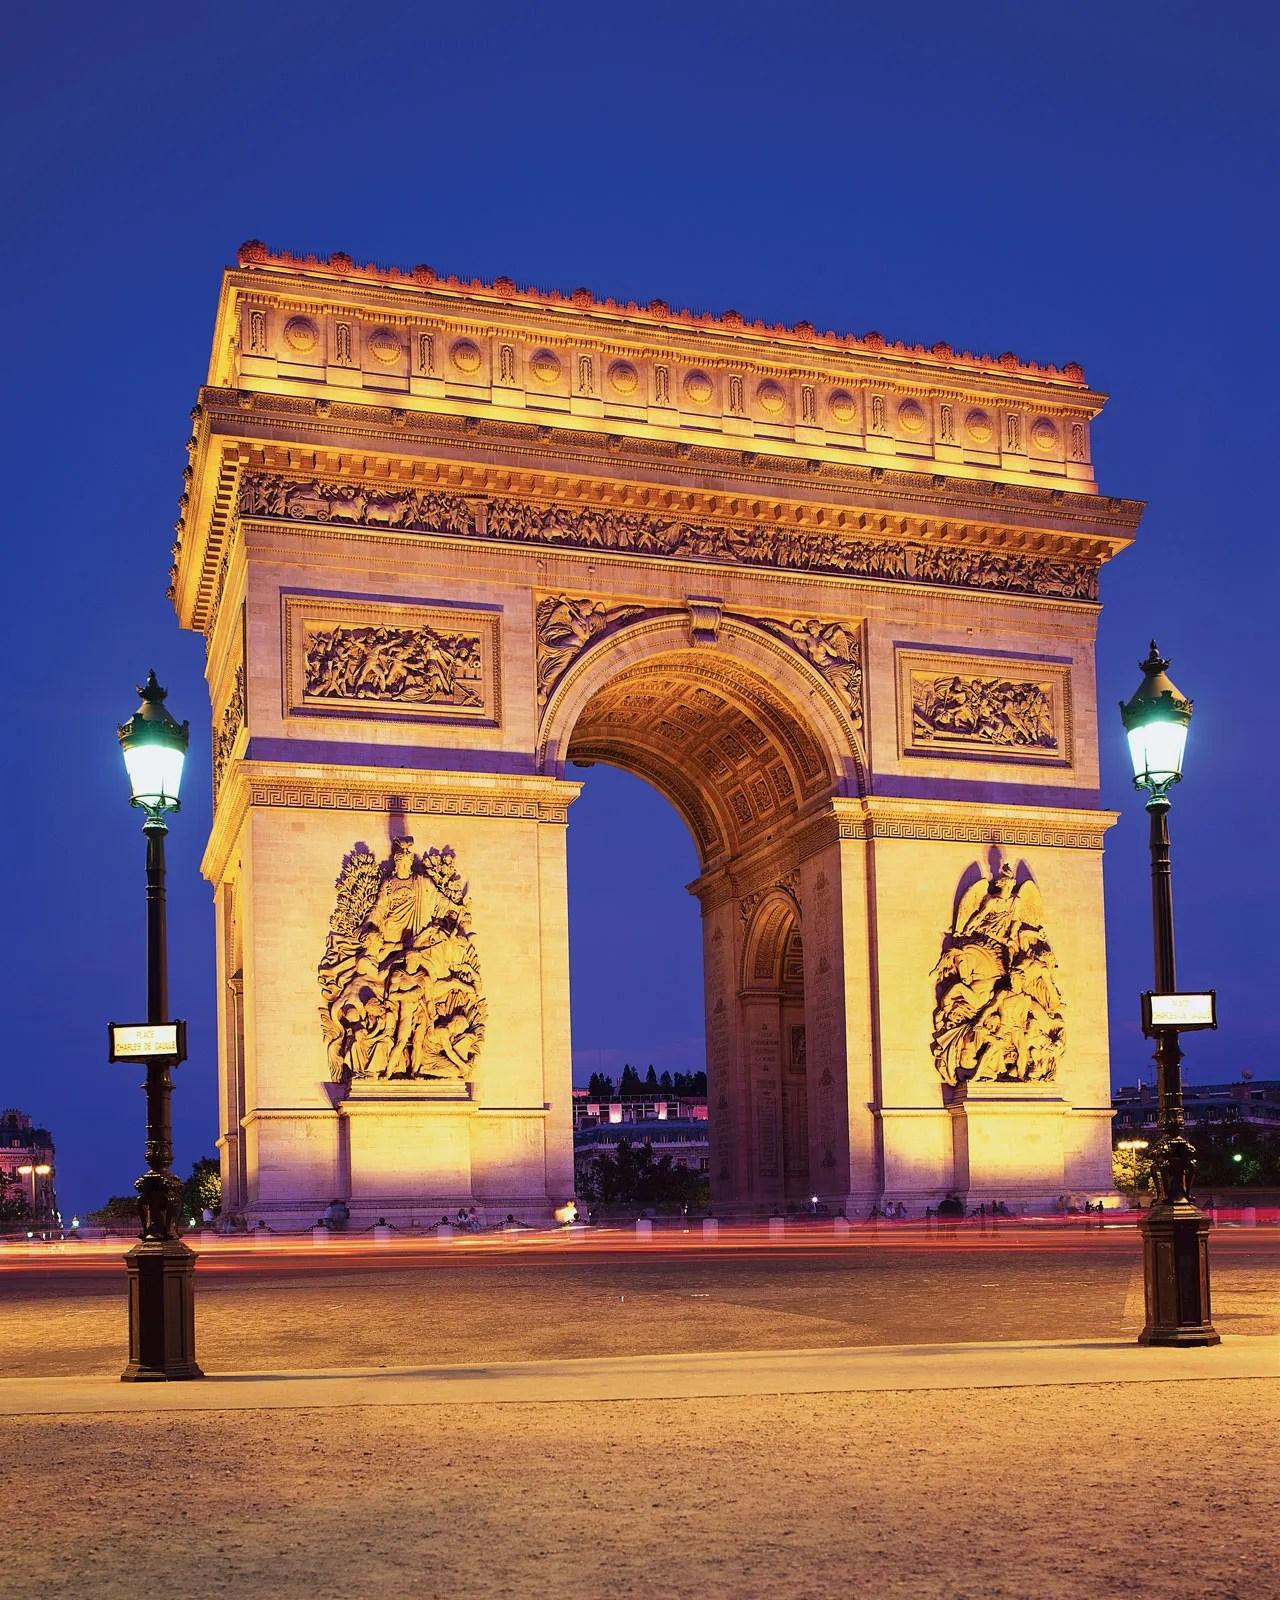 Arc de Triomphe   History, Location, & Facts   Britannica